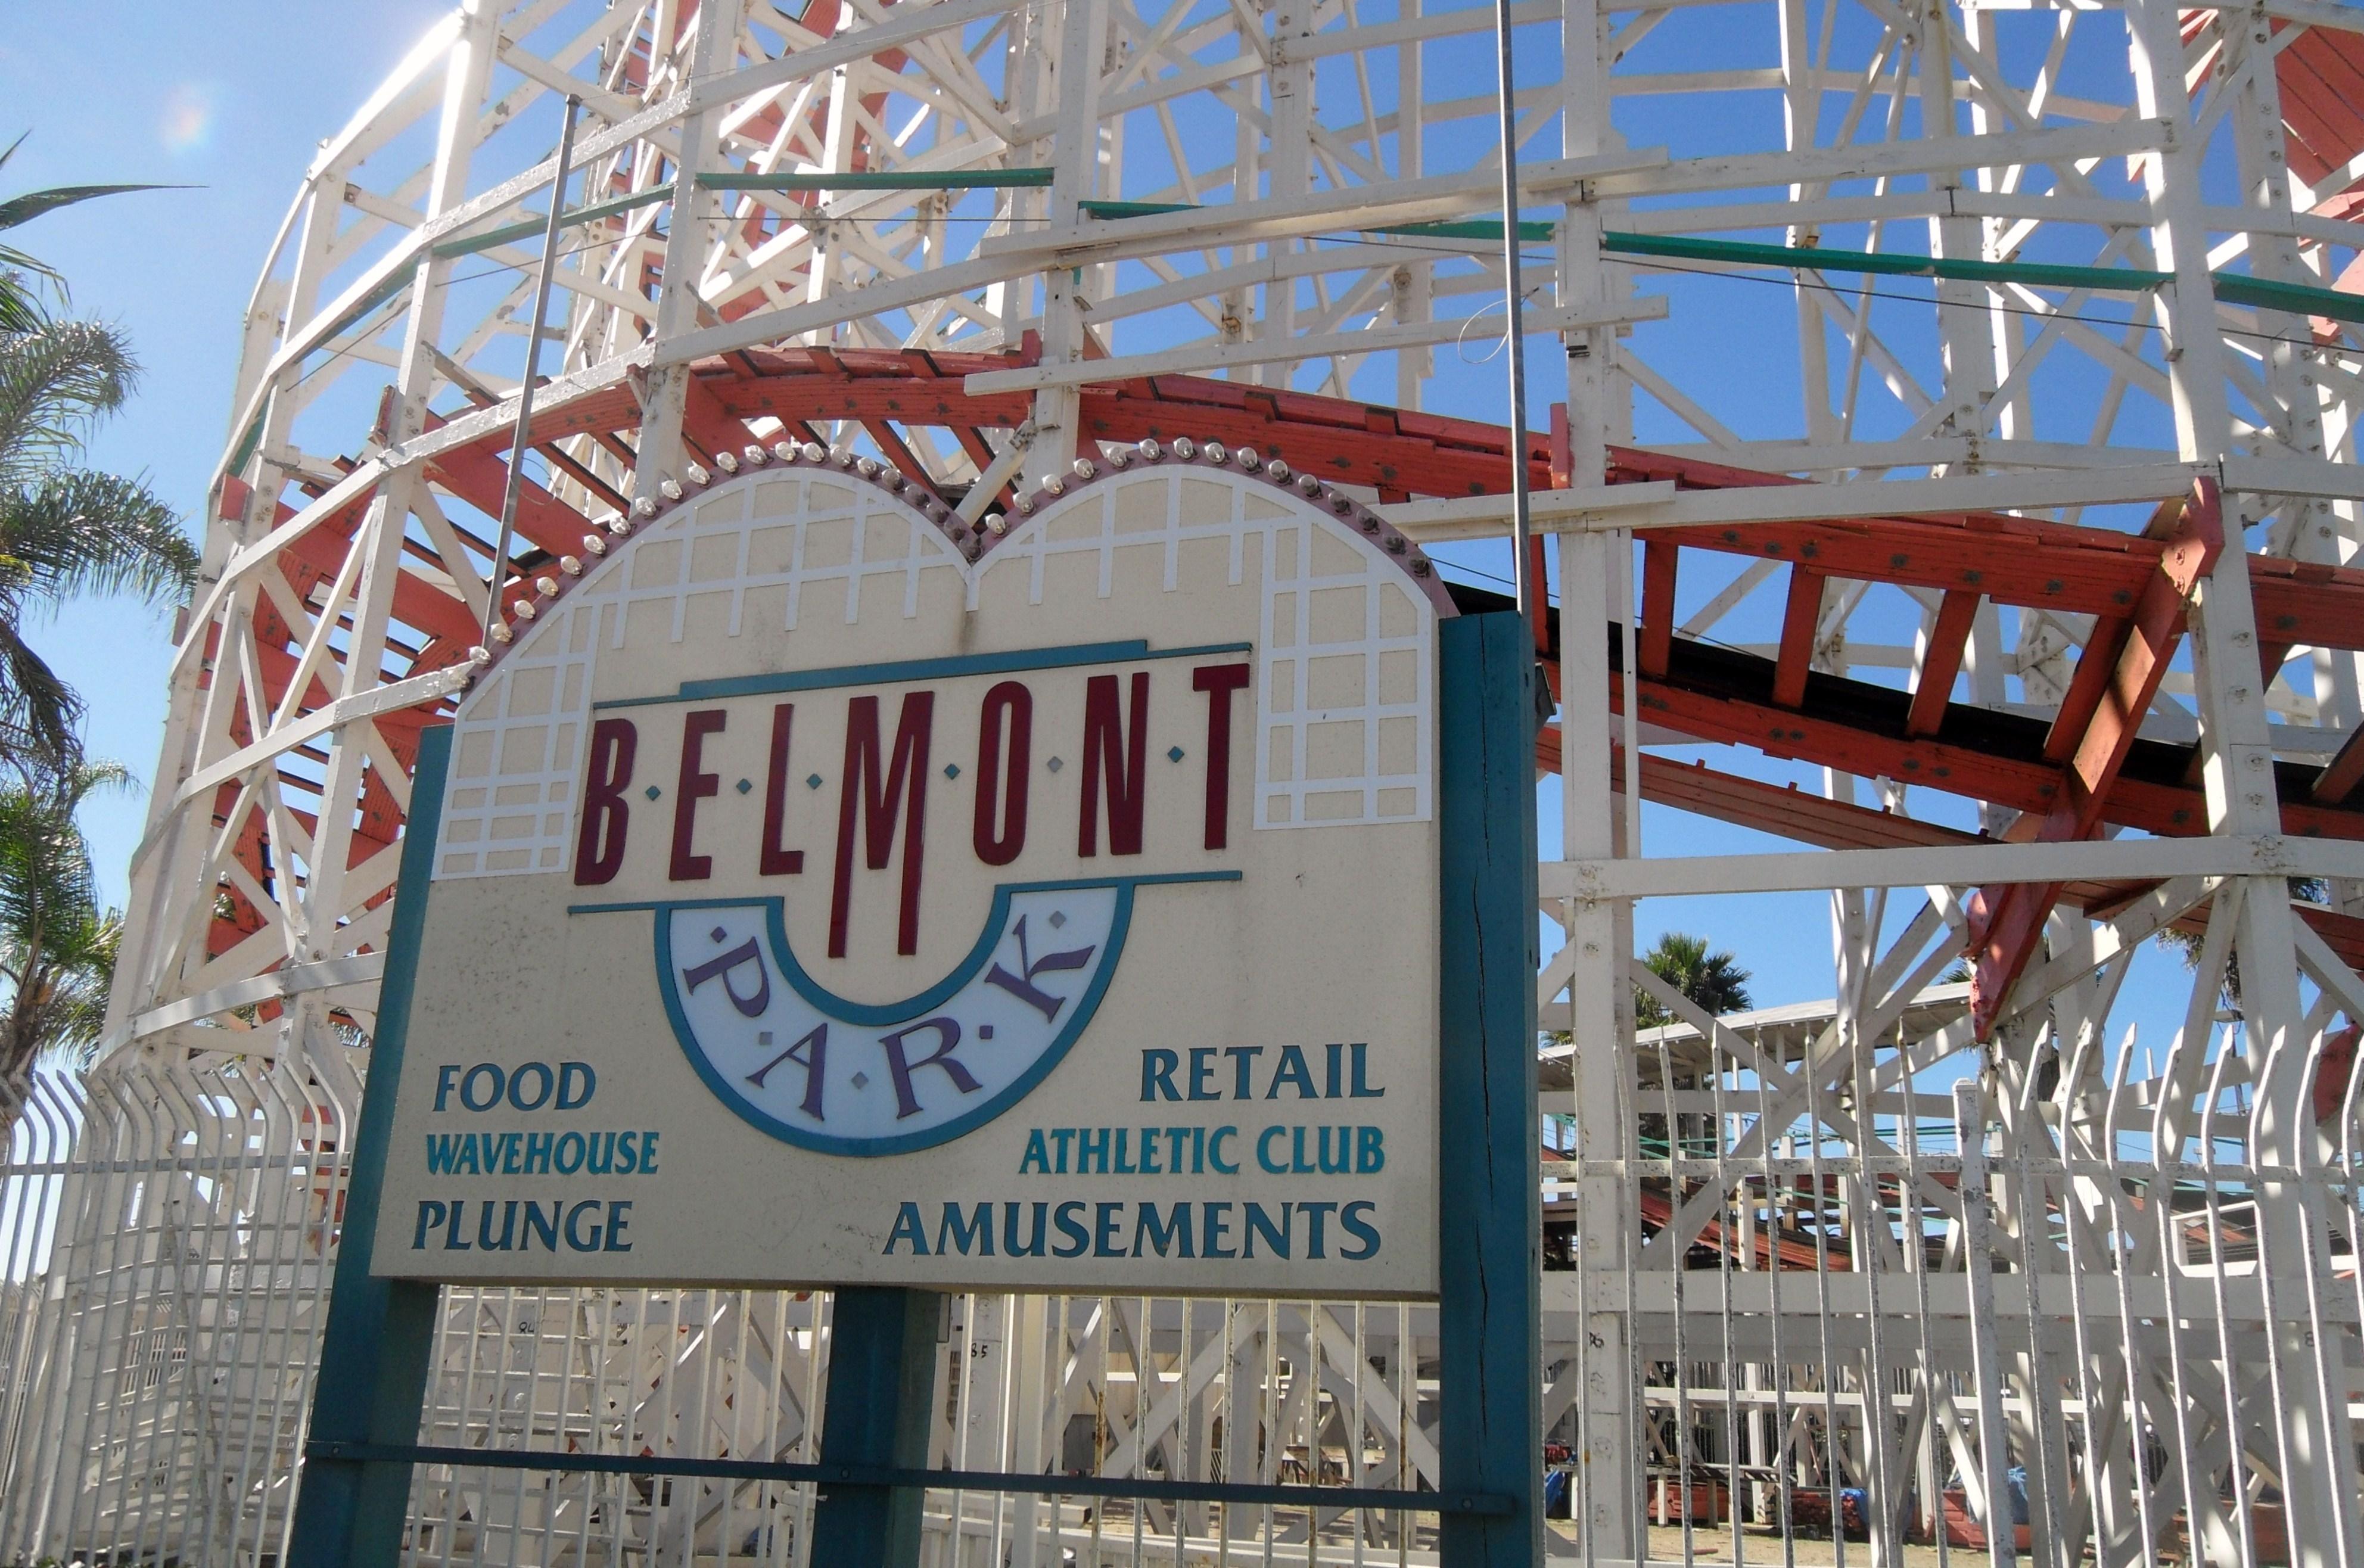 Martha Stewart Kitchen Cabinets Reviews San Diego Belmont Amusement Park Newhairstylesformen2014 Com